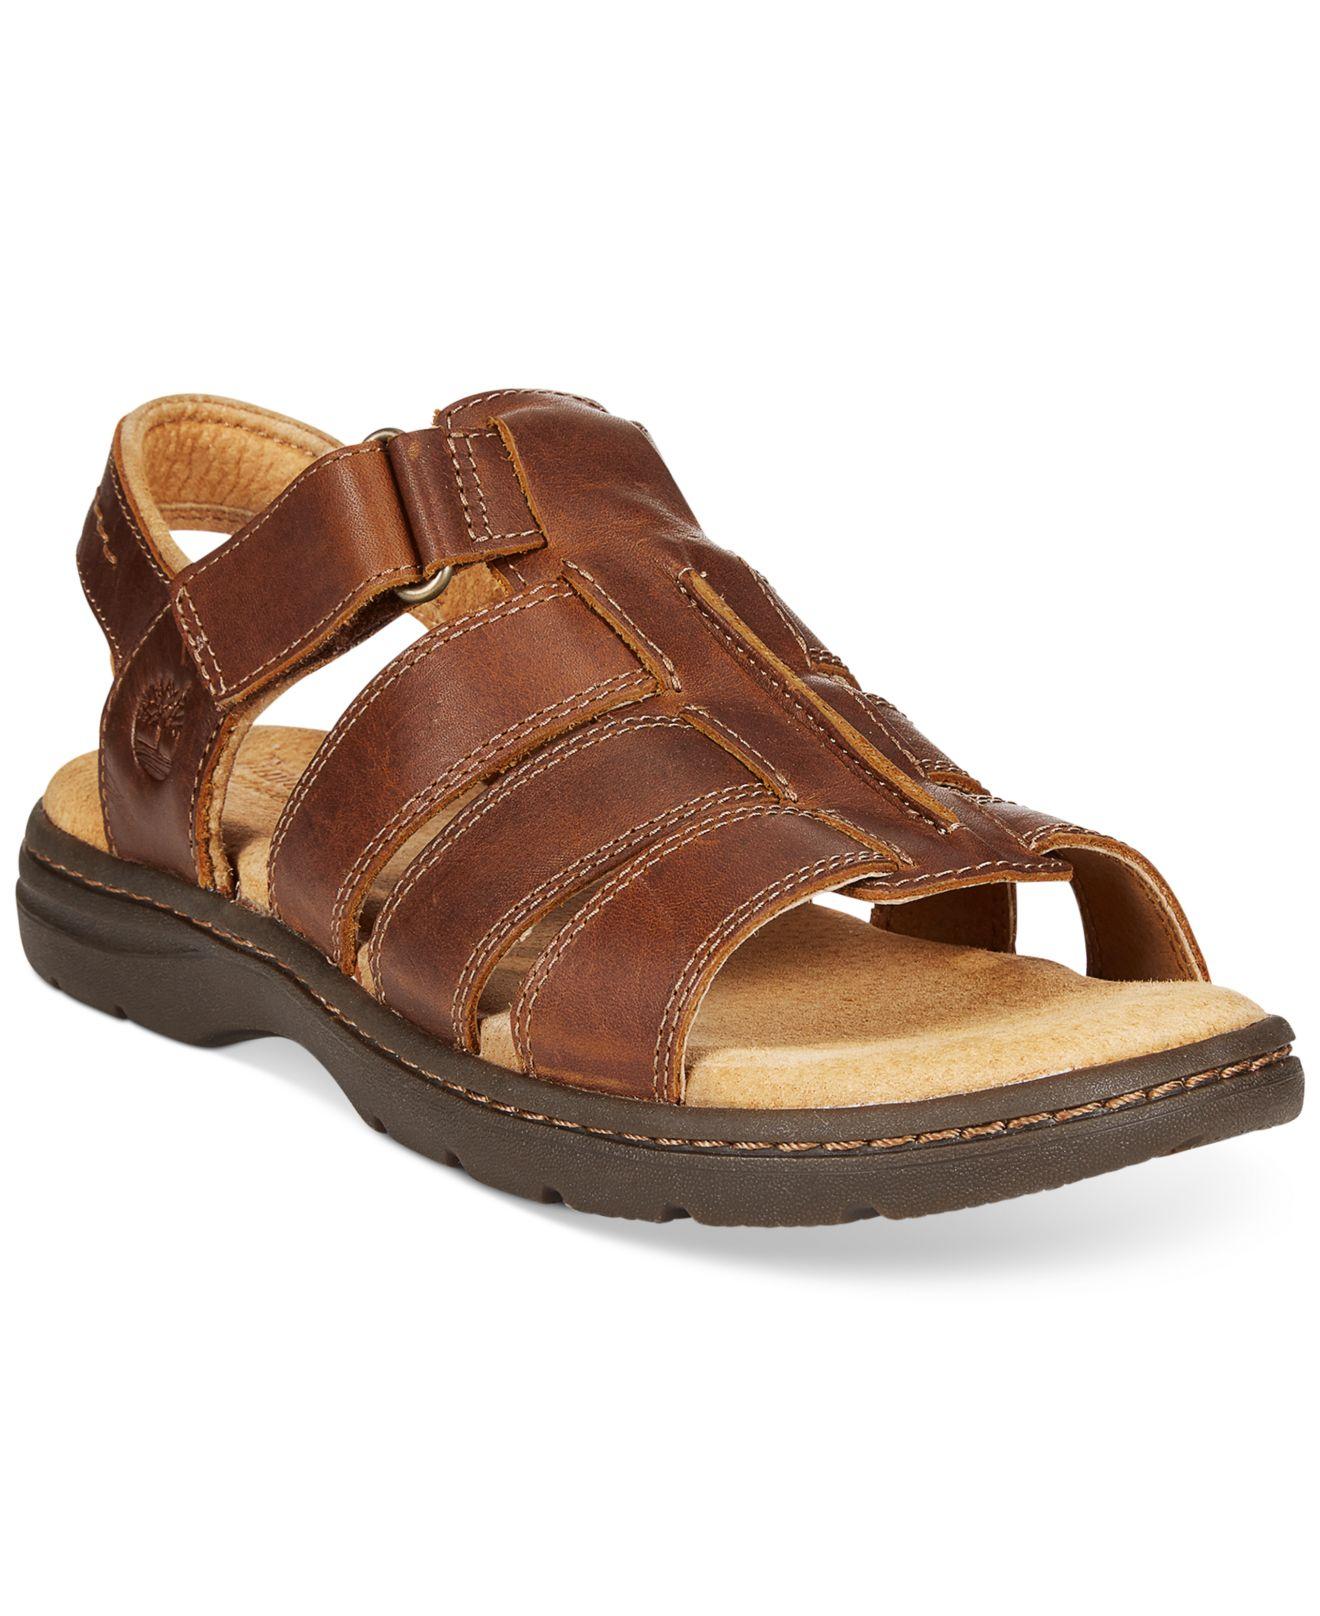 timberland altamont 2 0 fisherman sandals in brown for men. Black Bedroom Furniture Sets. Home Design Ideas